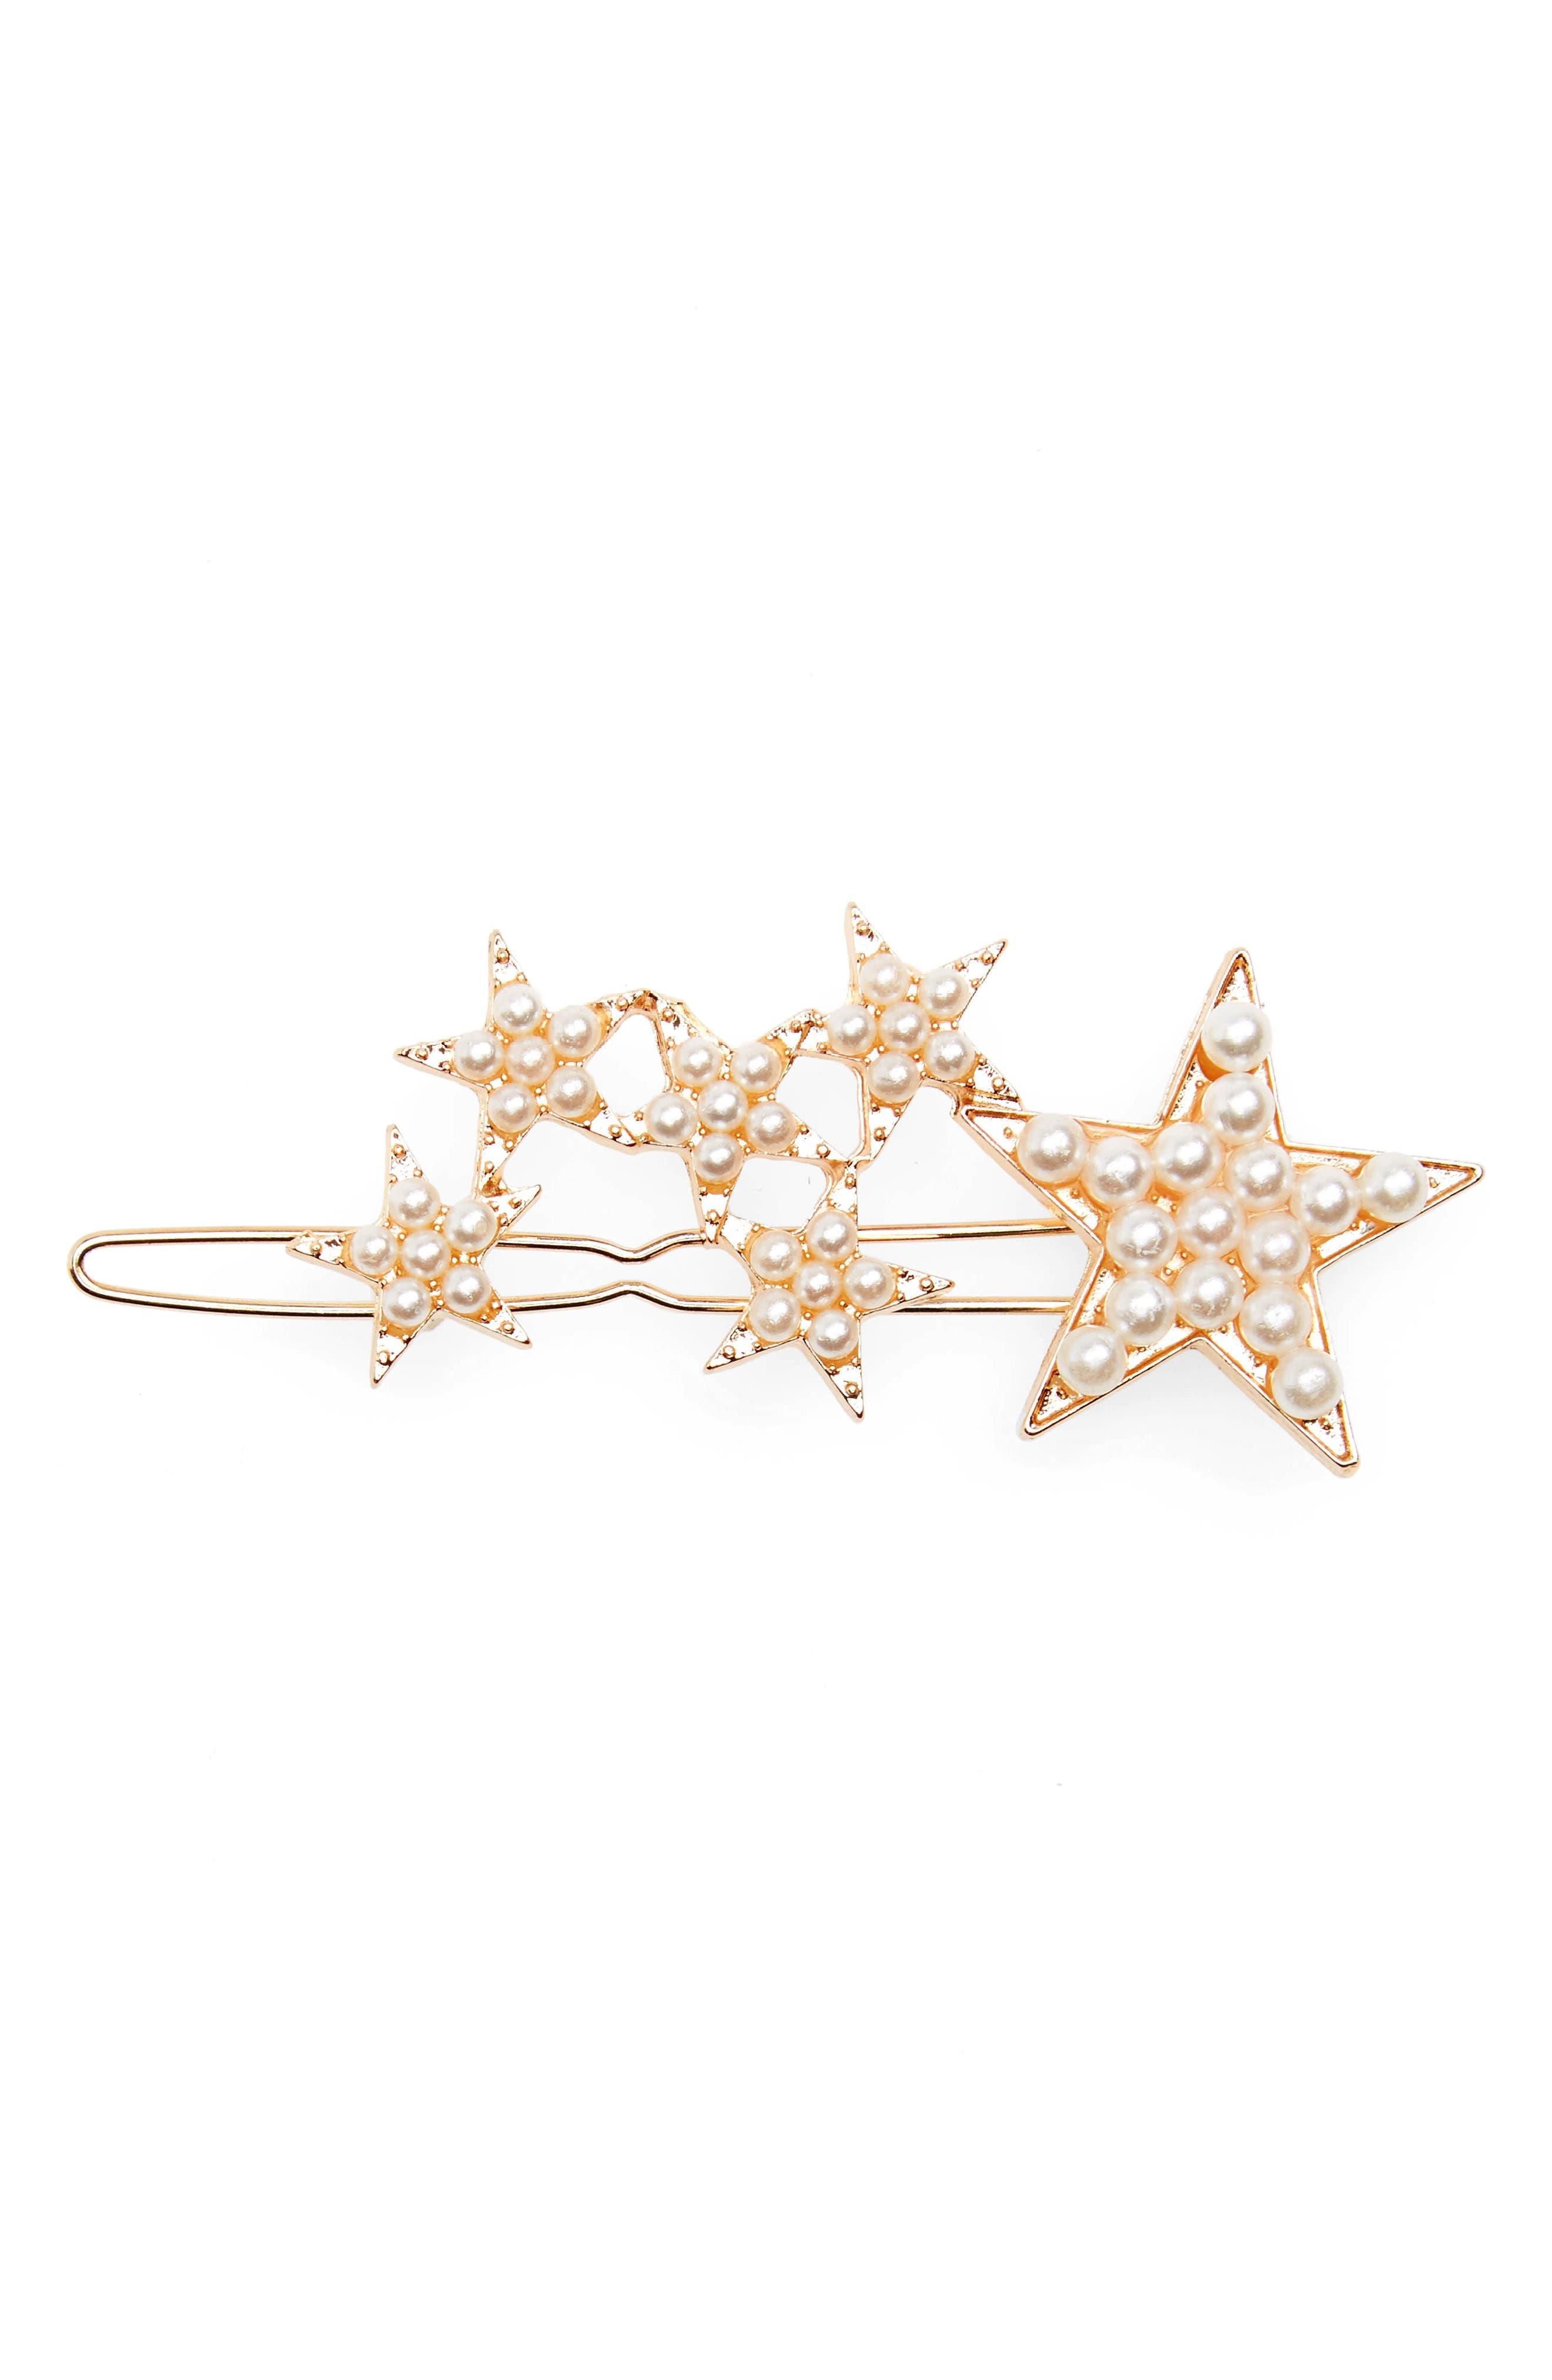 Accessory Collective Imitation Pearl Star Barrette,                         Main,                         color, Gold